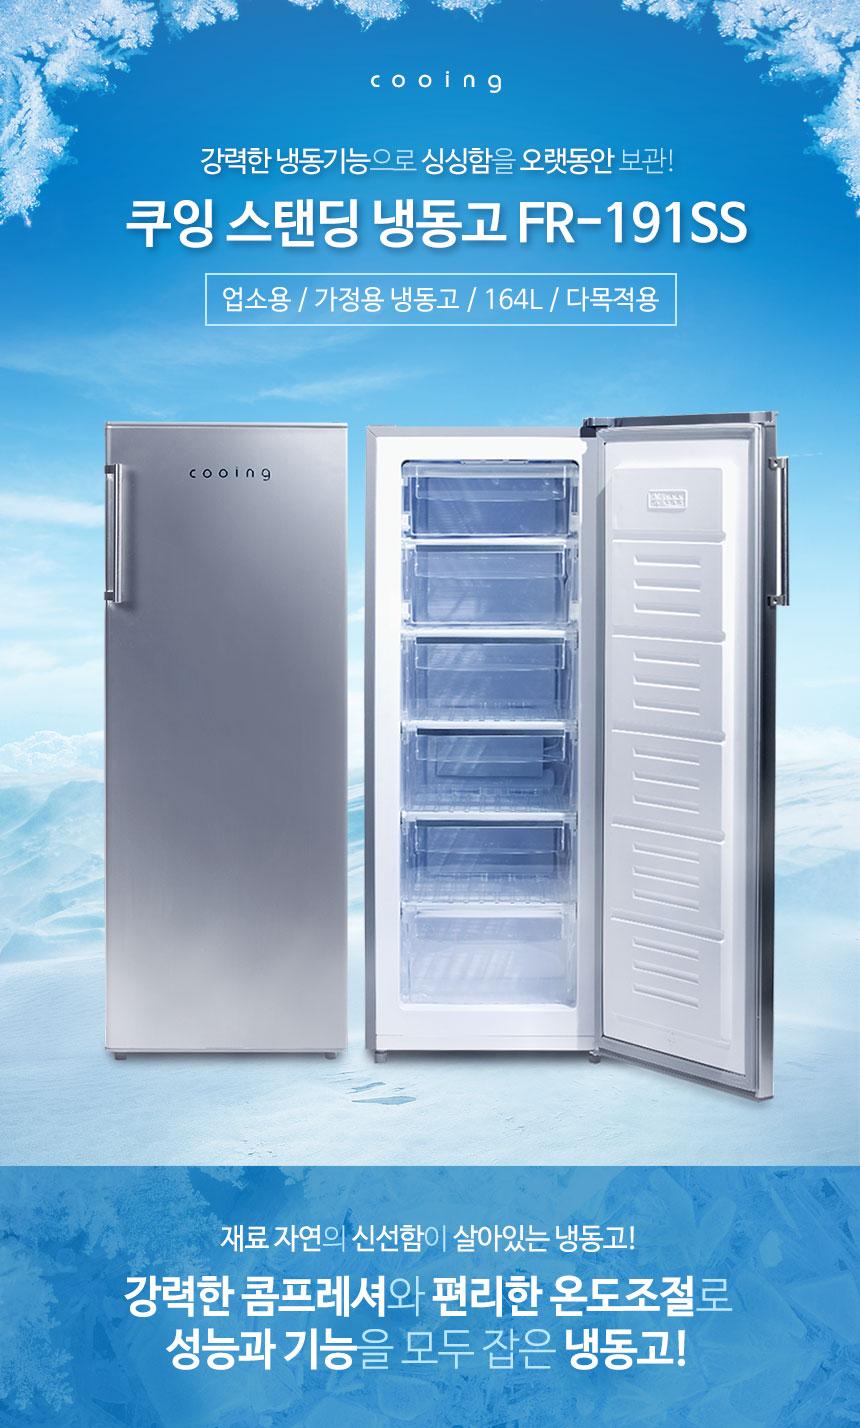 상세페이지1, FR-191SS, 쿠잉 스탠딩 냉동고, 164L, 업소용, 가정용, 다목적용